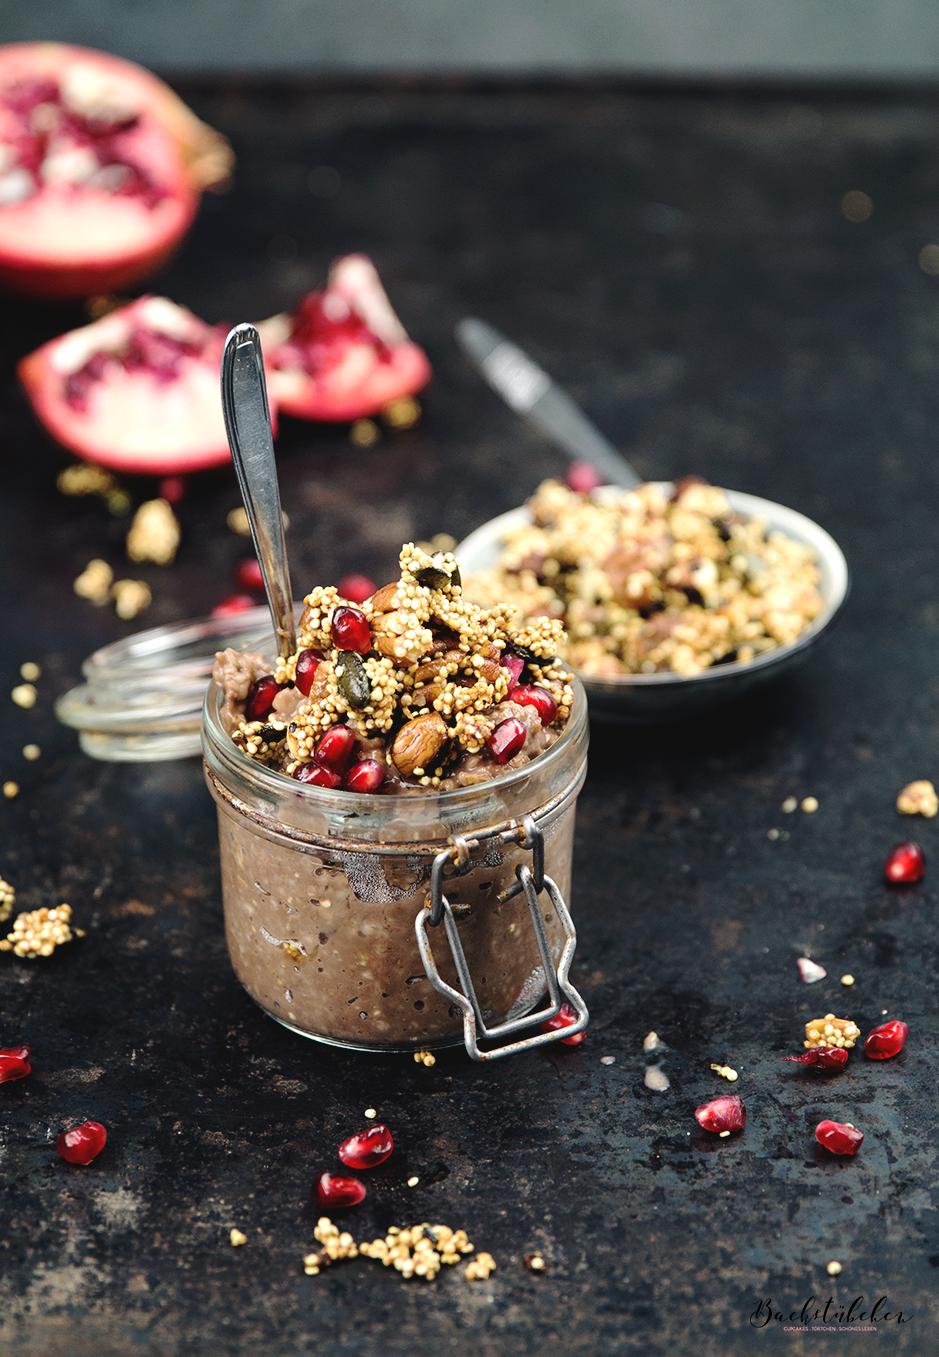 schoko-porridge-mit-quinoa-crunch5-2.jpg